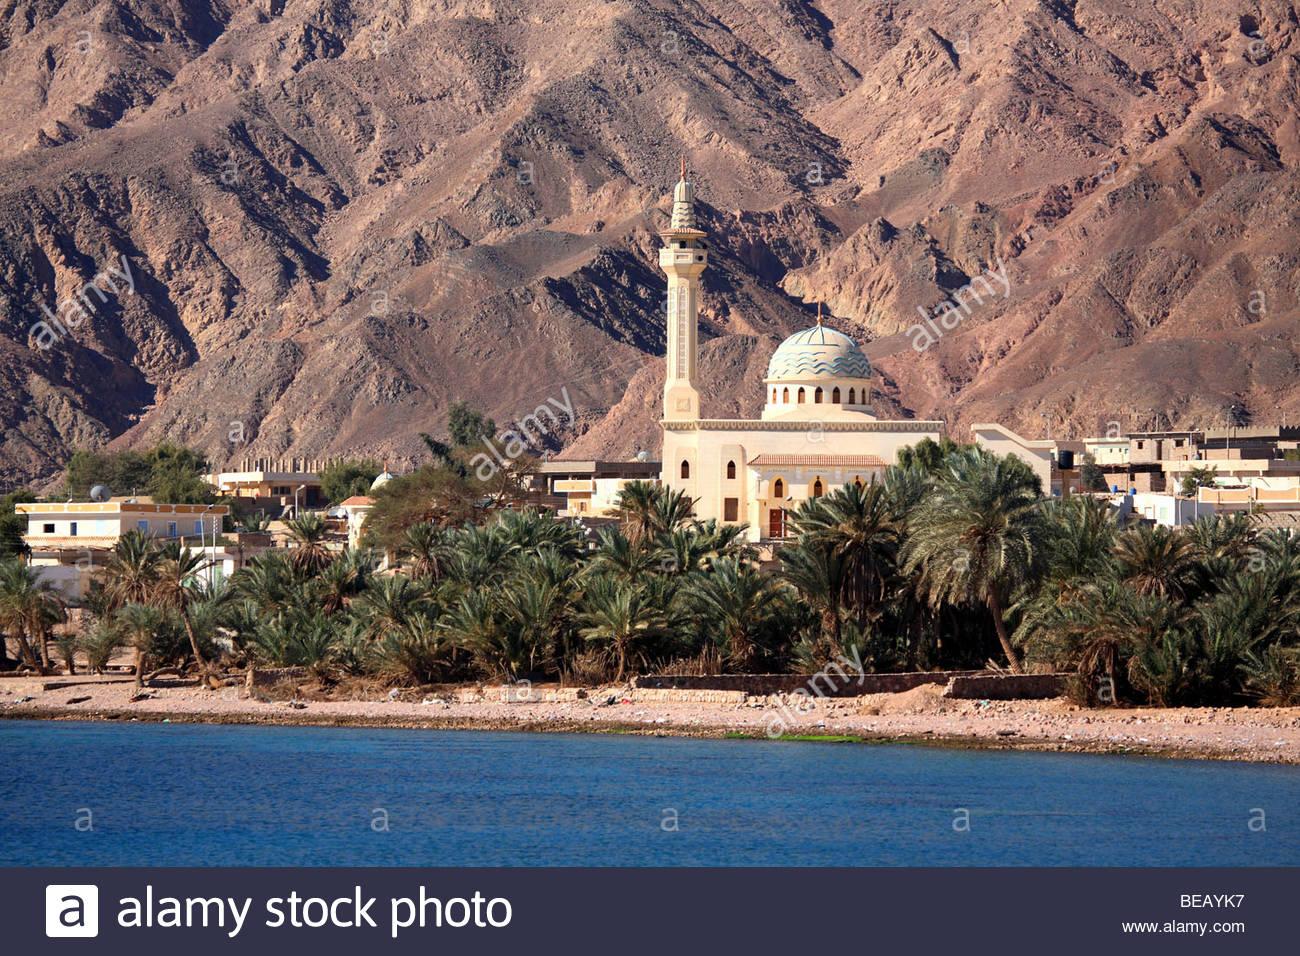 Egypt, Nuweiba, mosque. - Stock Image